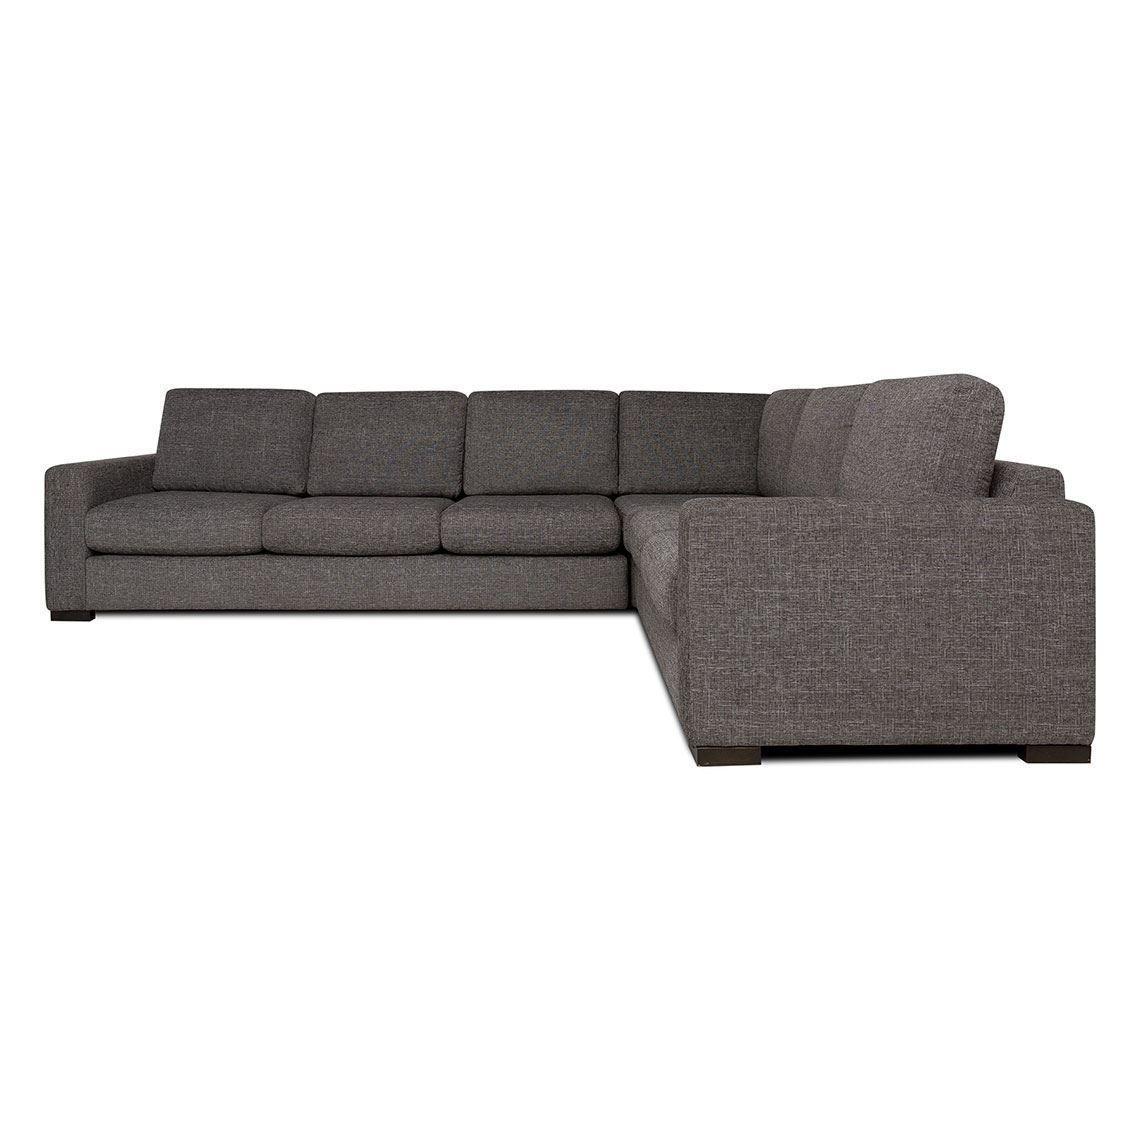 Signature Contemporary 6 Seat Fabric Corner Sofa With Right 2 Seat Modular Standard Granite Unique Sofas Corner Sofa Sofa